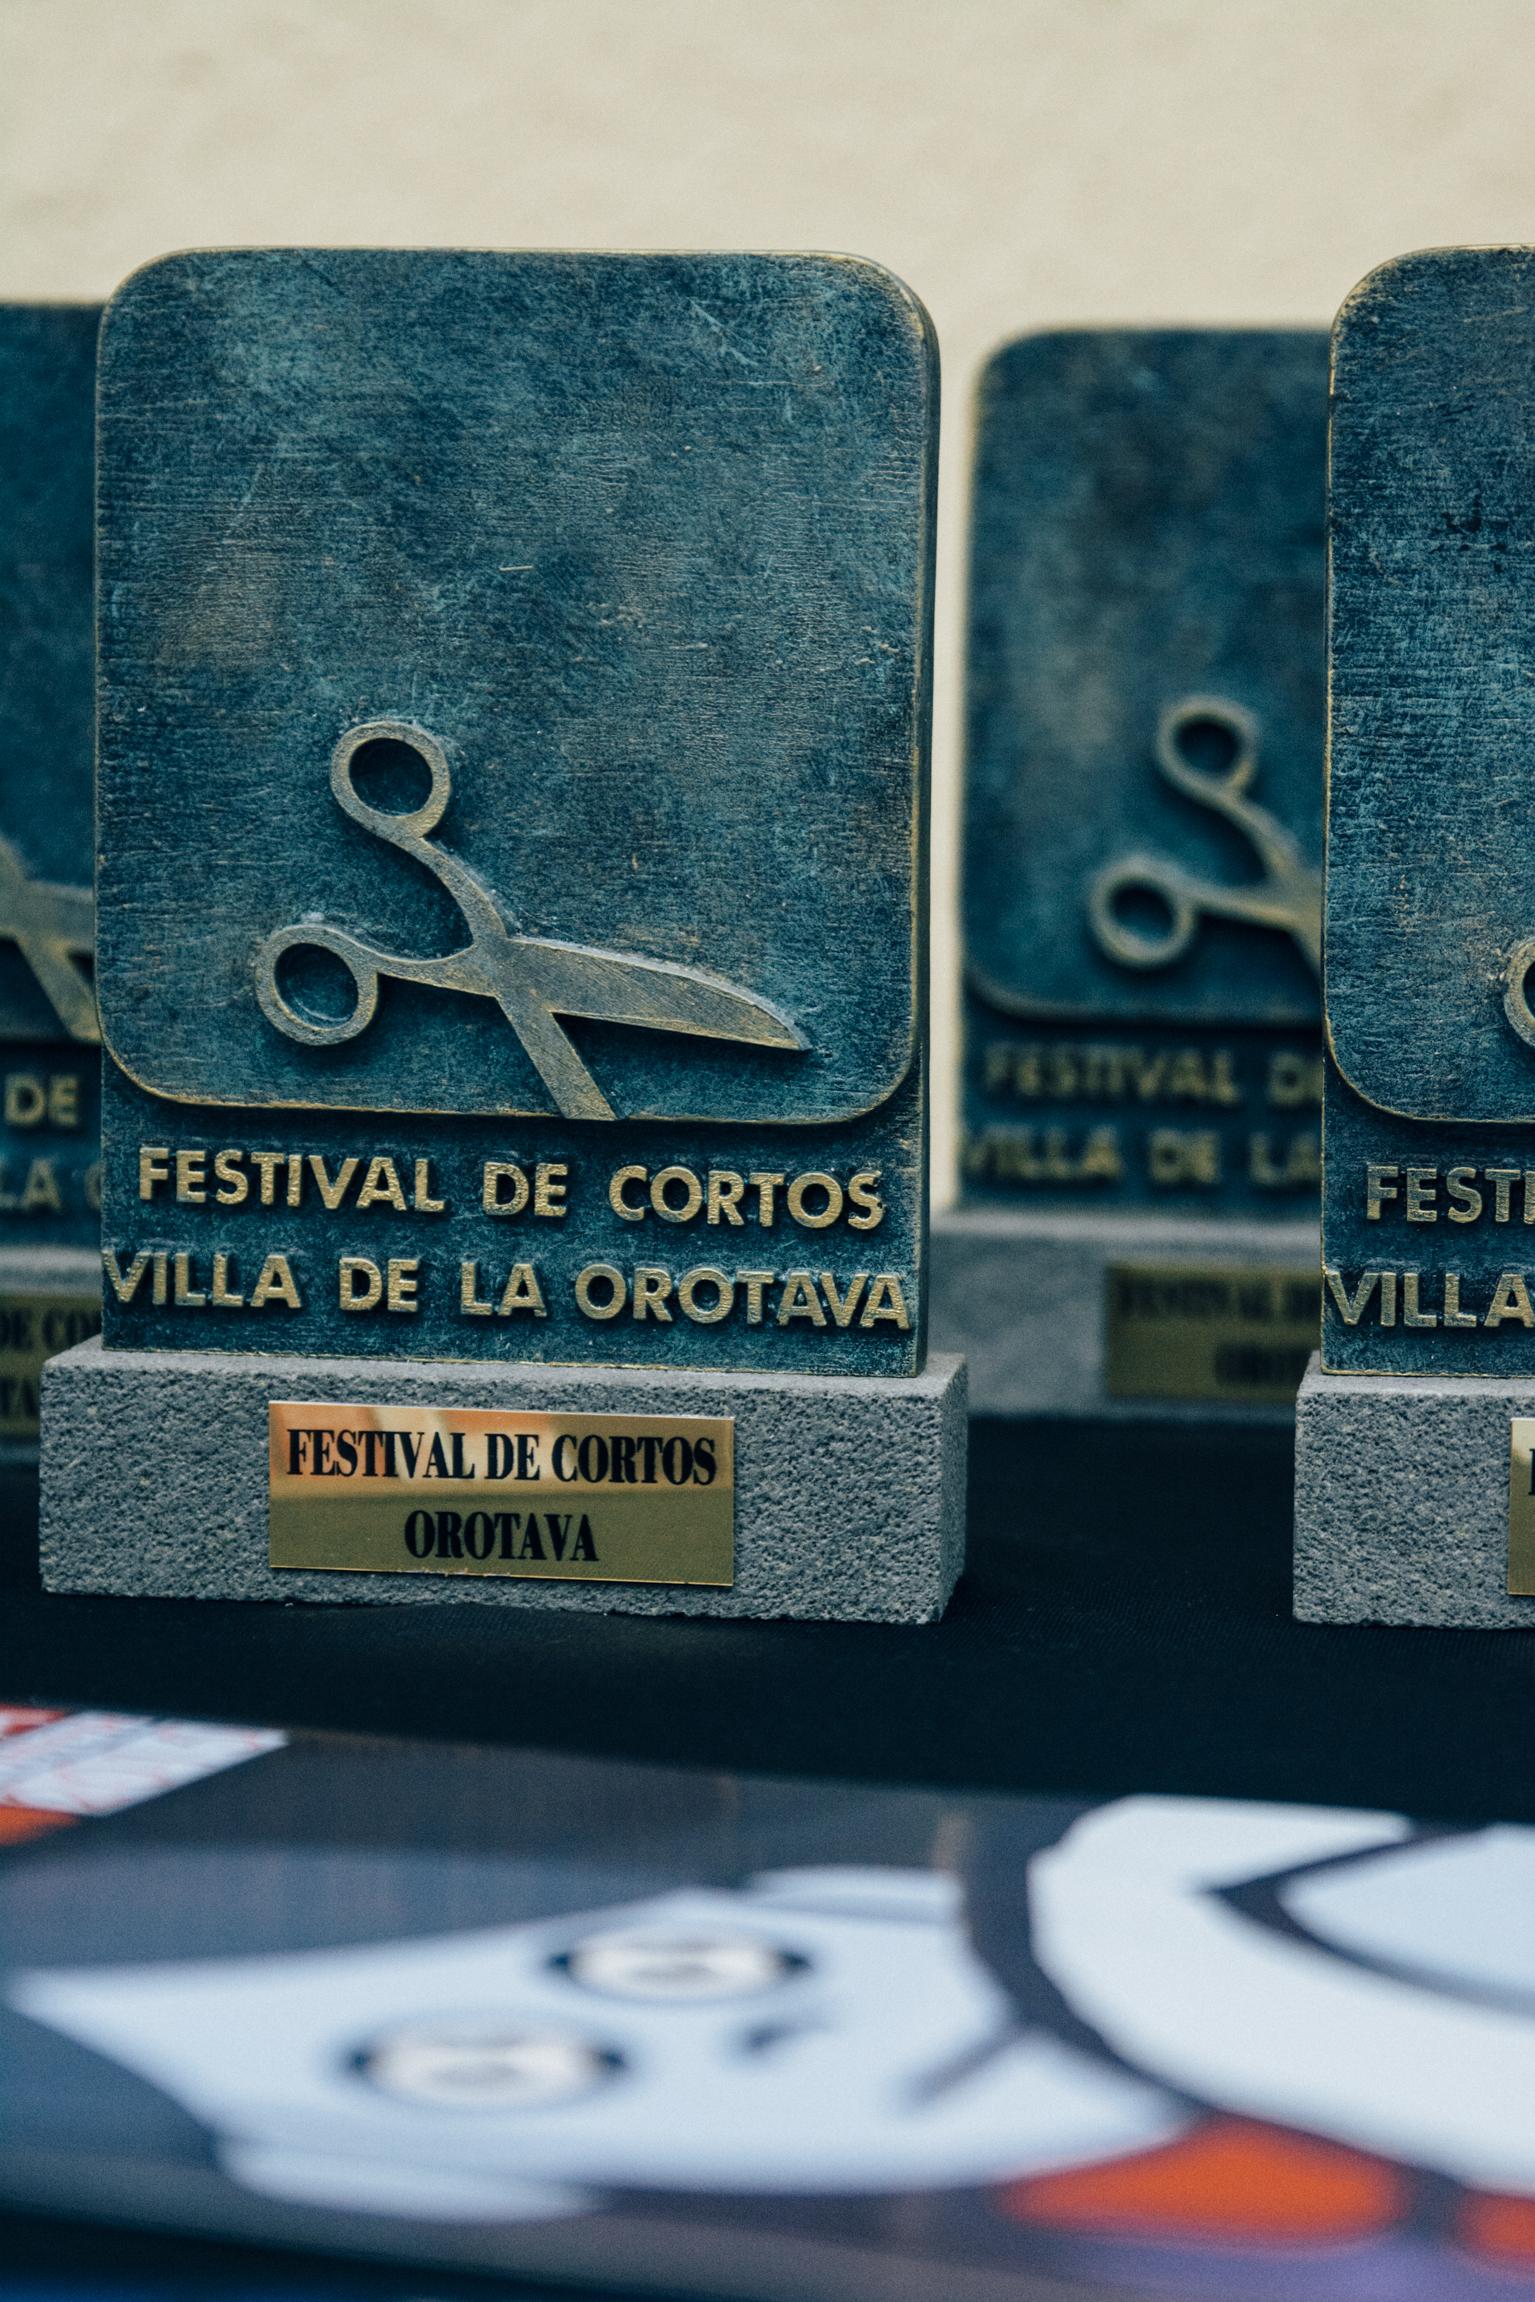 Más premios para el cine en corto de La Orotava